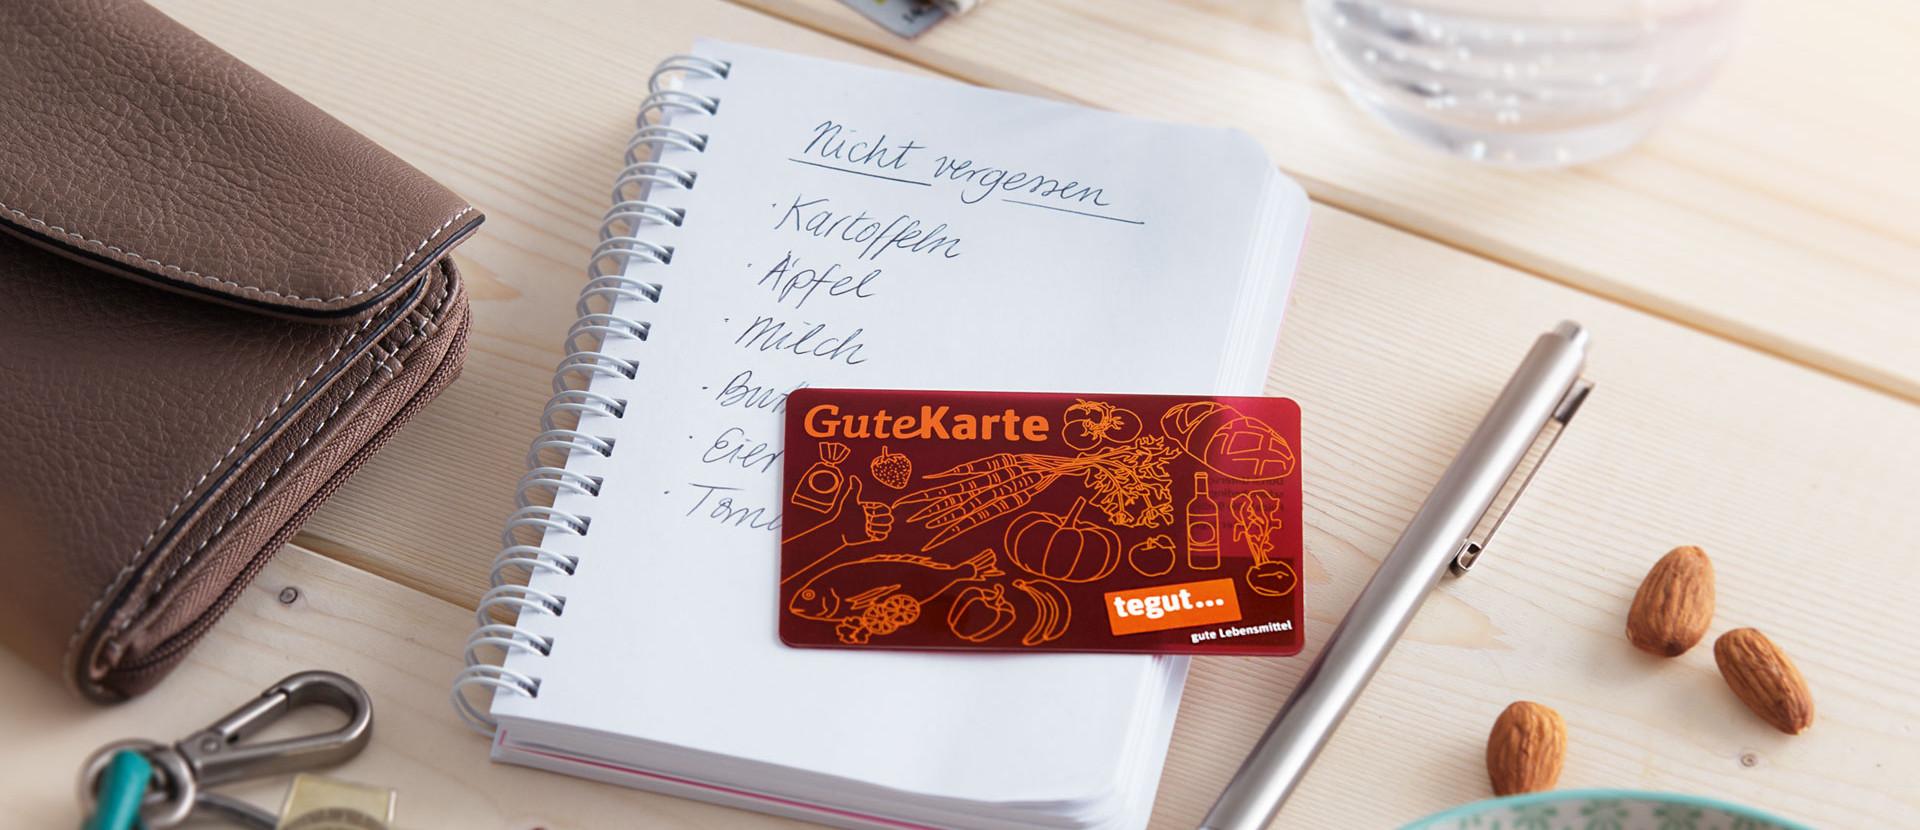 tegut... Kundenkarte GuteKarte zum Sparen beim Einkaufen liegt auf Schreibtisch. Daneben ein Stift, Geldbörse, Einkaufsblock und ein paar leckere Nüsse.